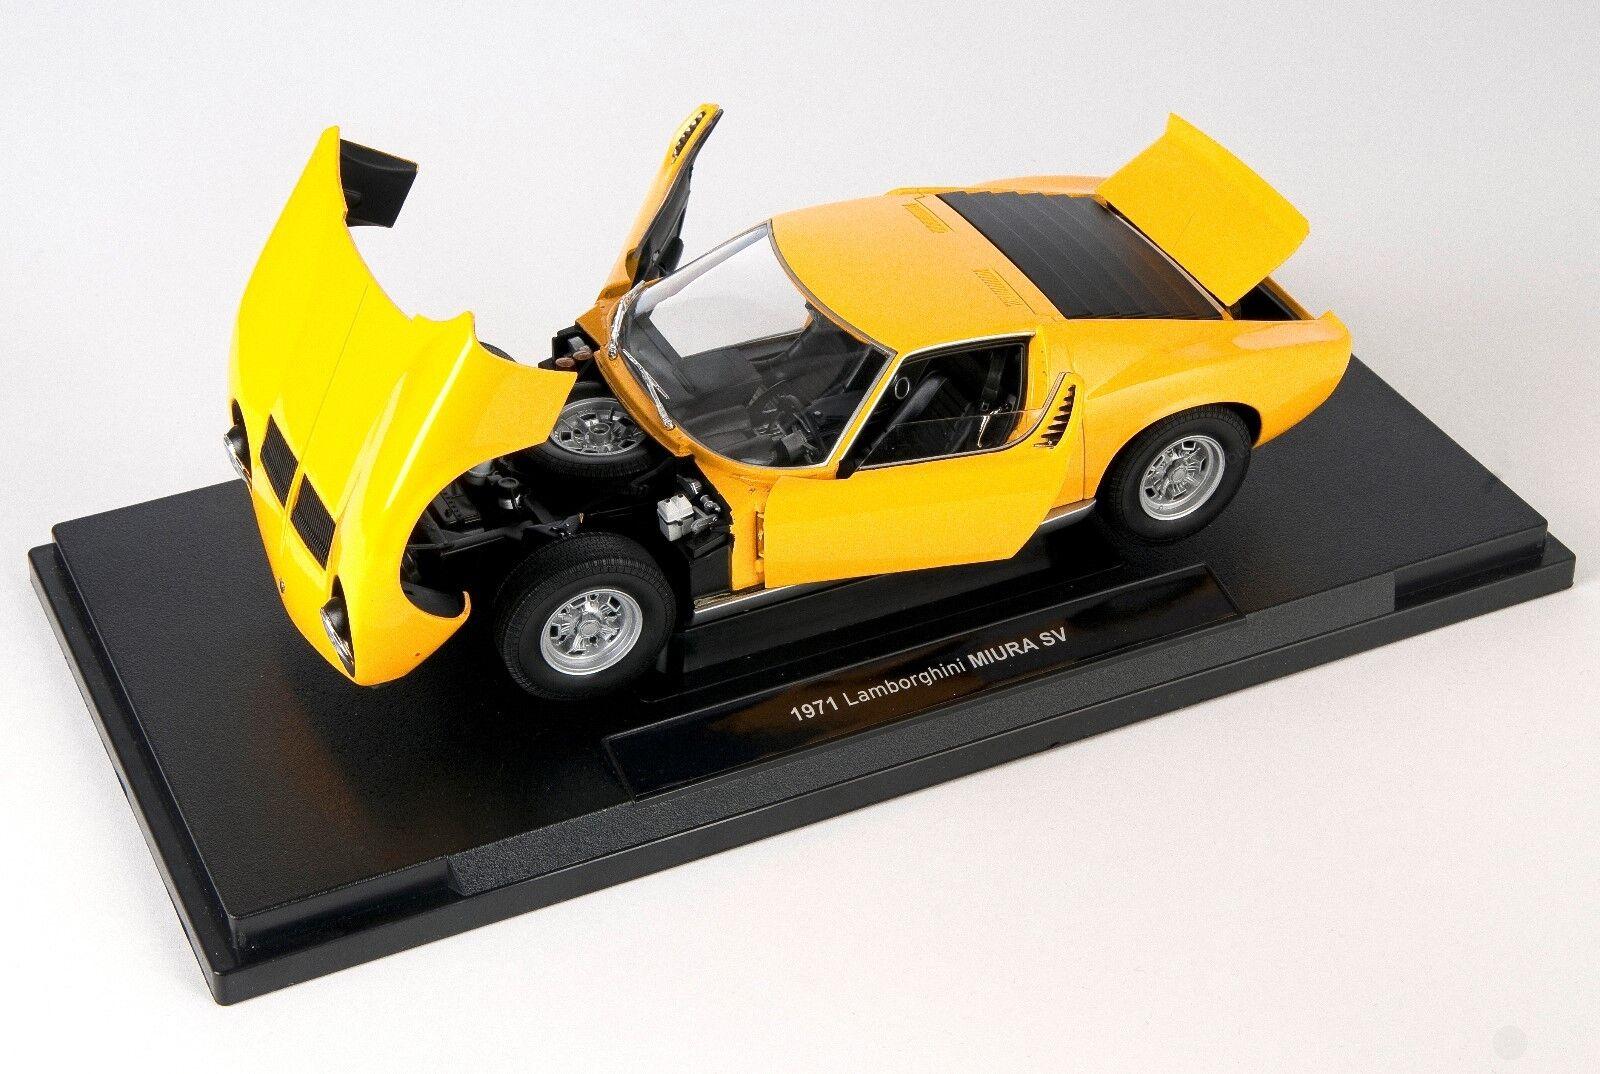 Livraison rapide Lamborghini Miura SV 1971 Jaune Welly Modèle Auto 1 18 NOUVEAU & NEUF dans sa boîte